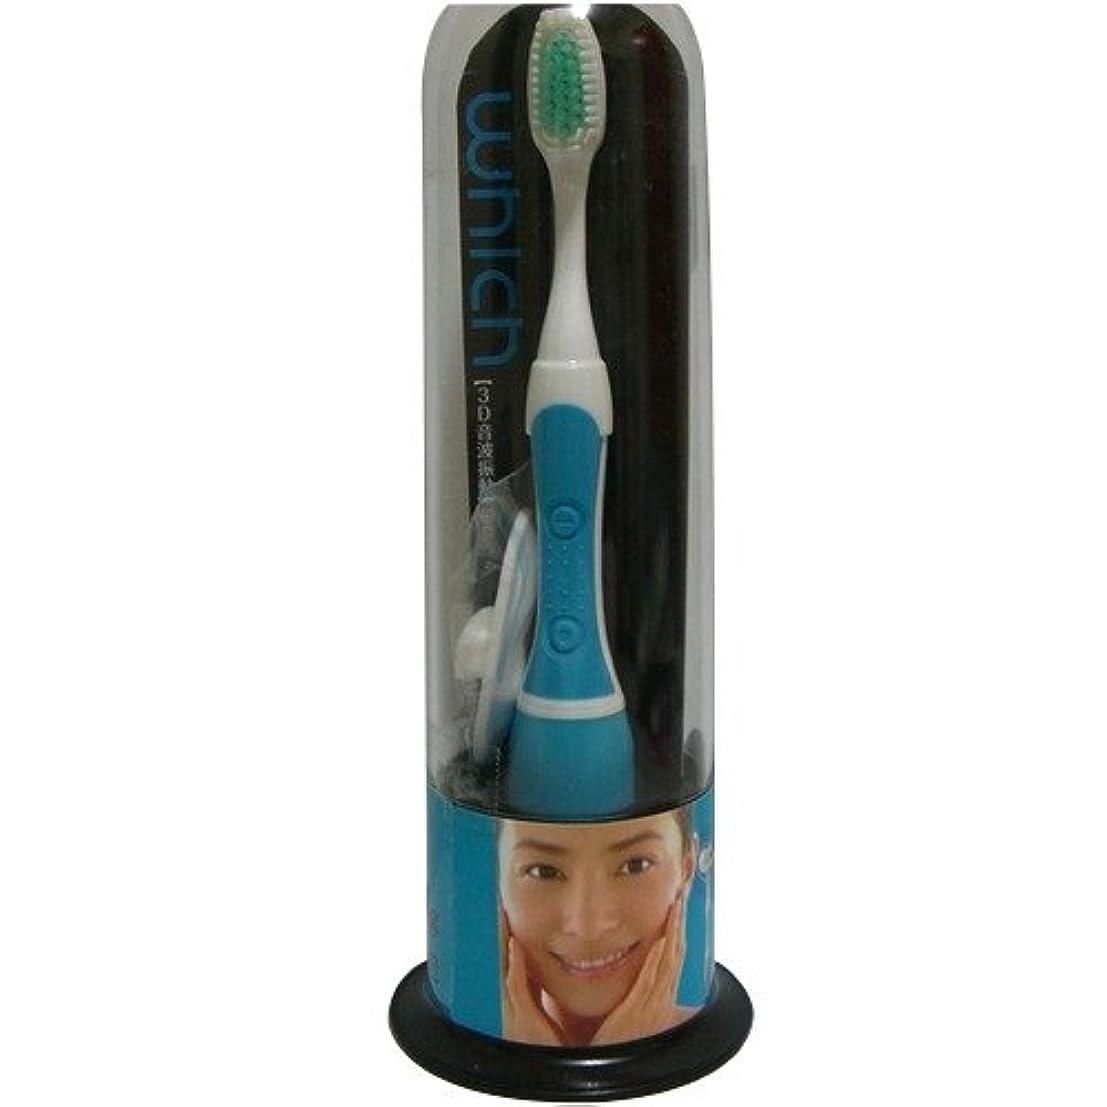 トークン戦いけがをするWhich ウィッチ 音波振動歯ブラシ ブルー